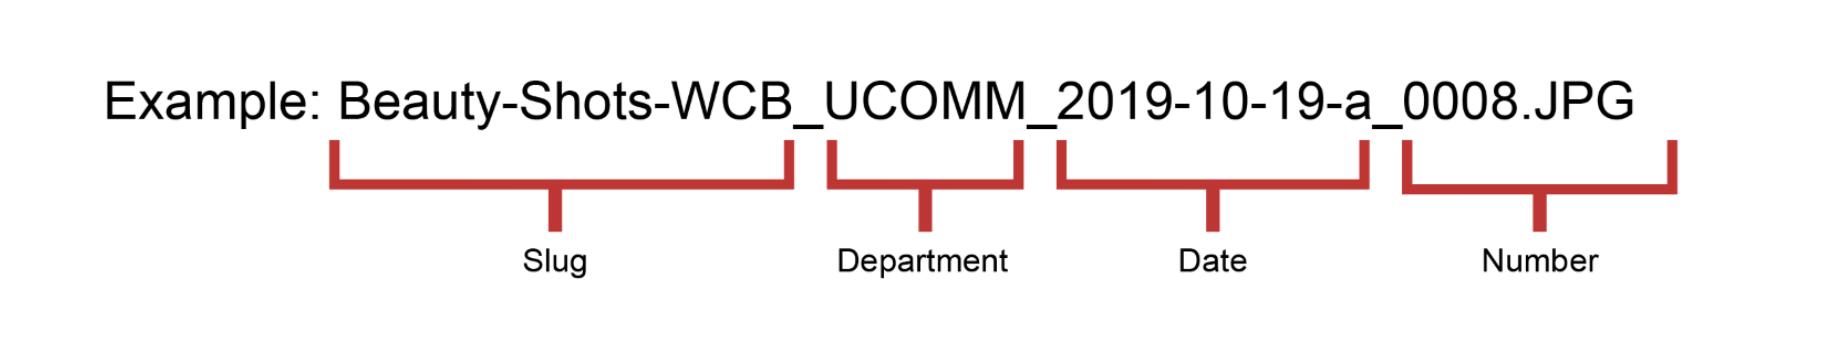 file-name_UCOMM_2021-06-14